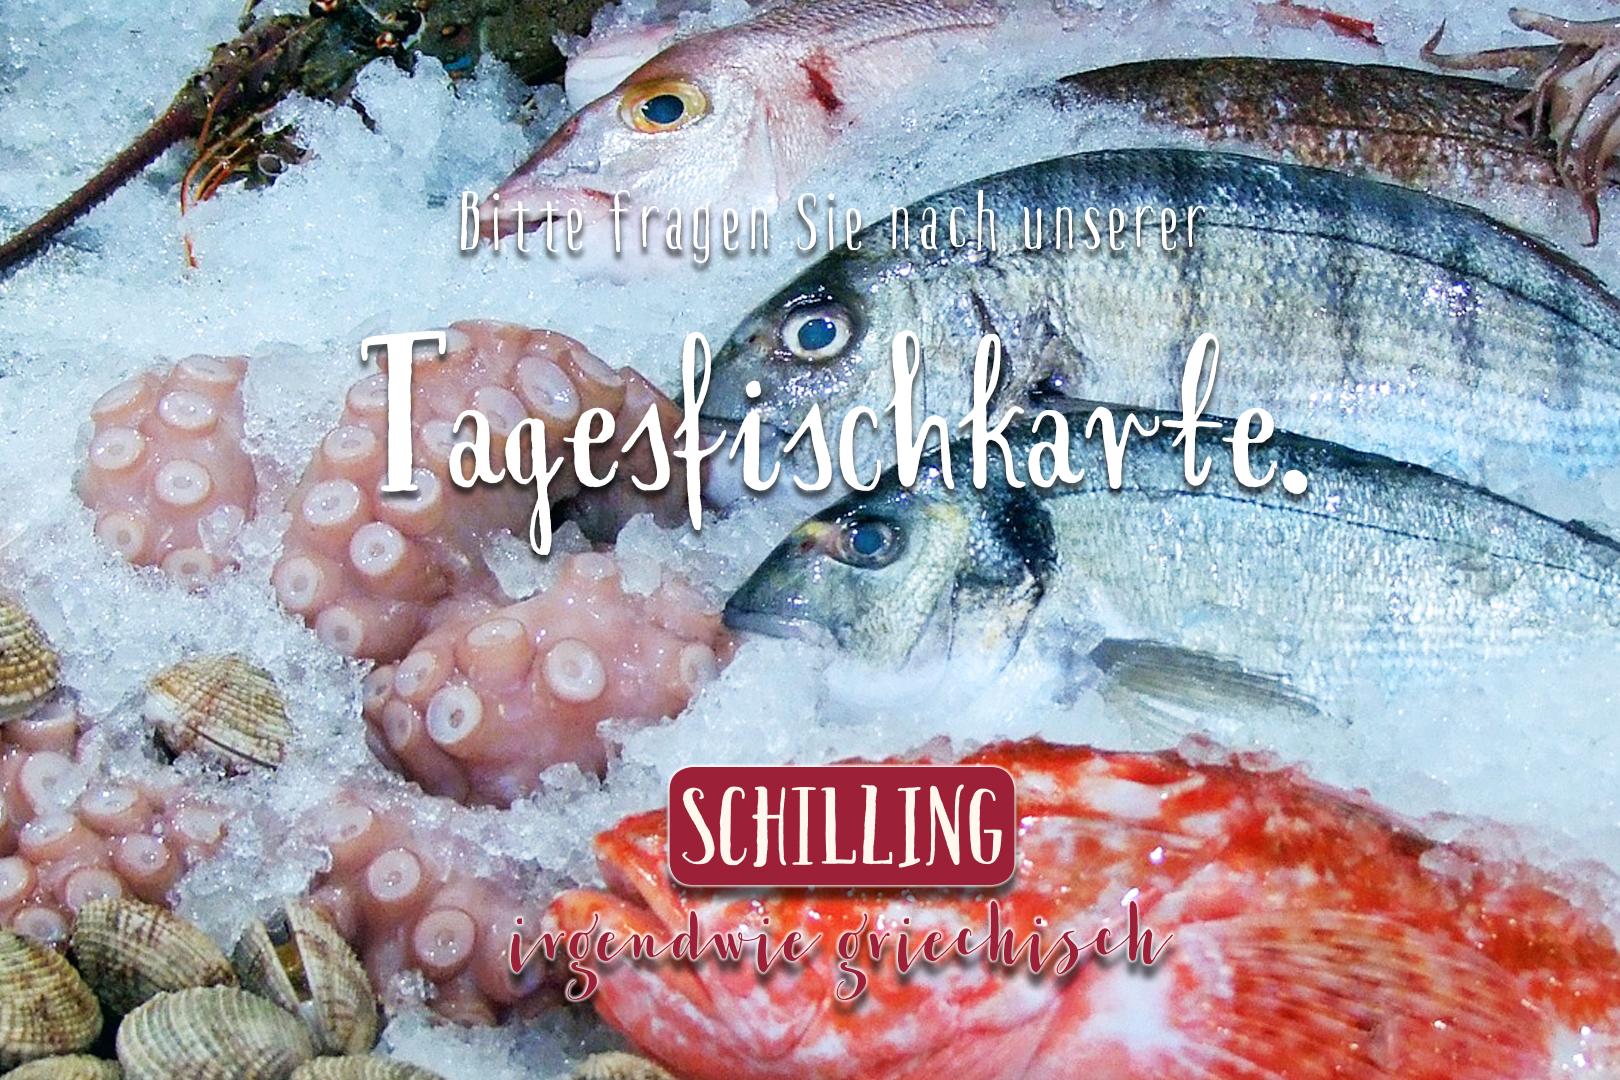 Schilling Tagesfischkarte